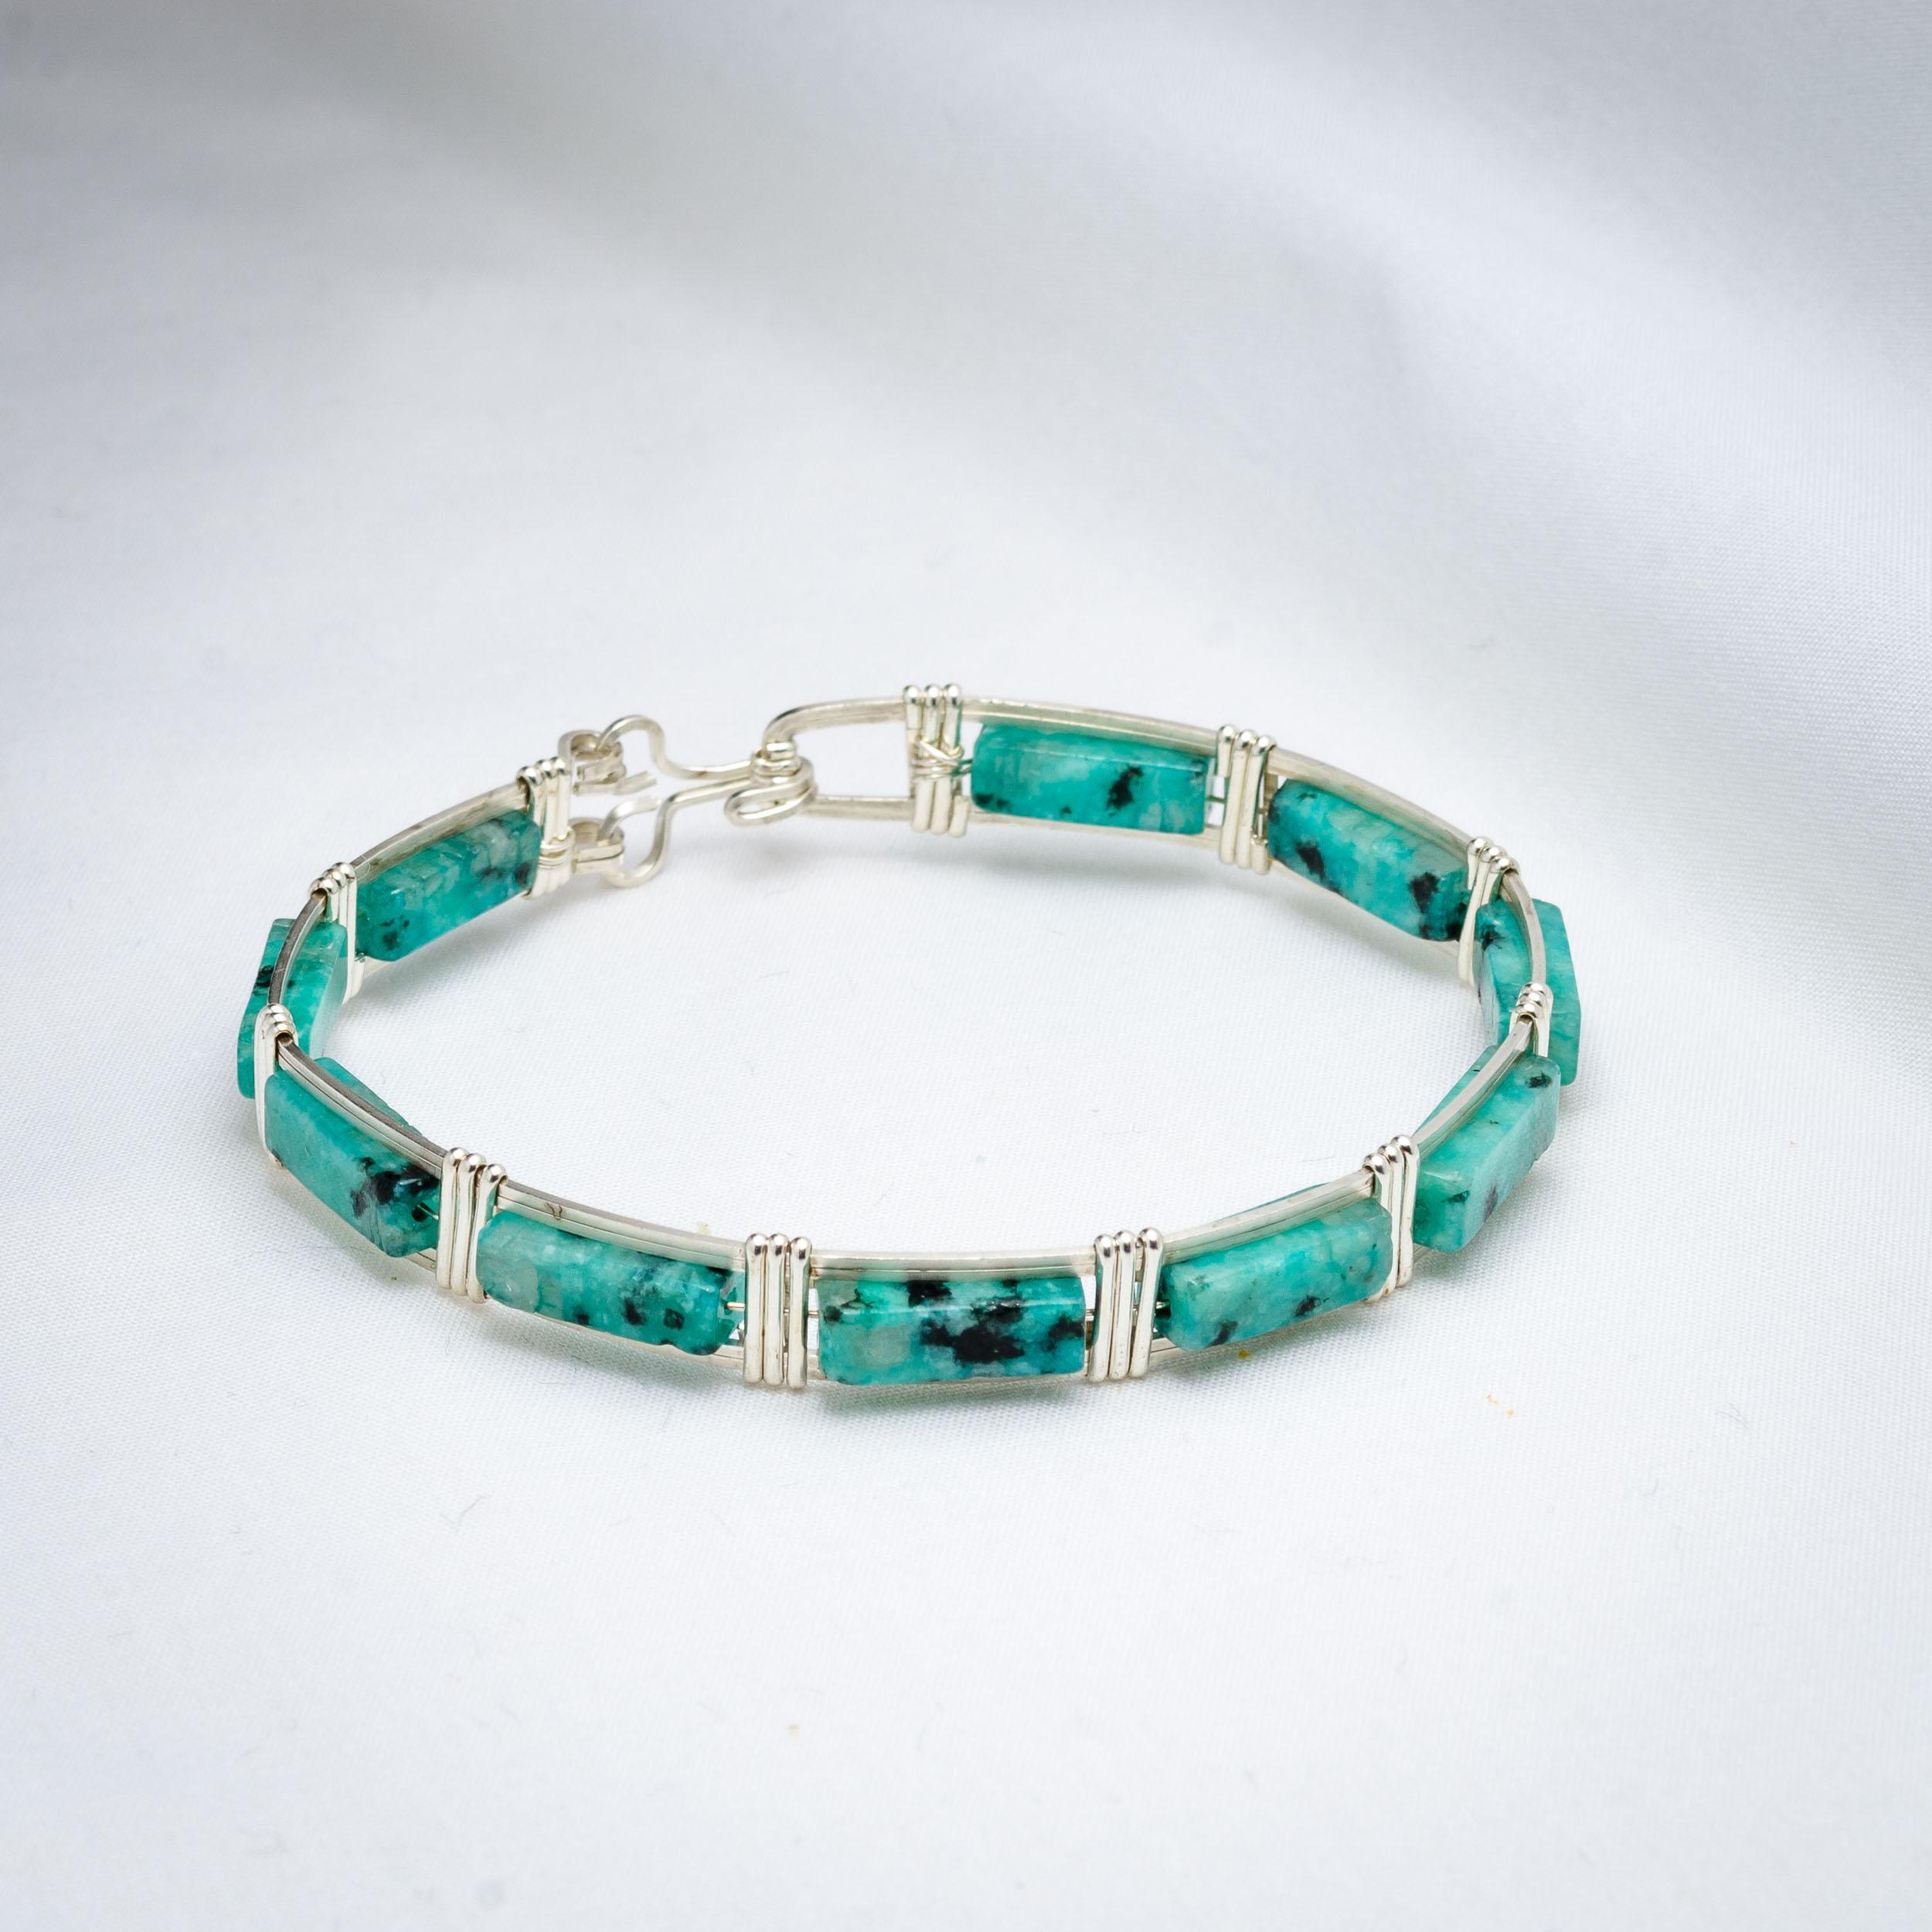 Bracelet_107.JPG